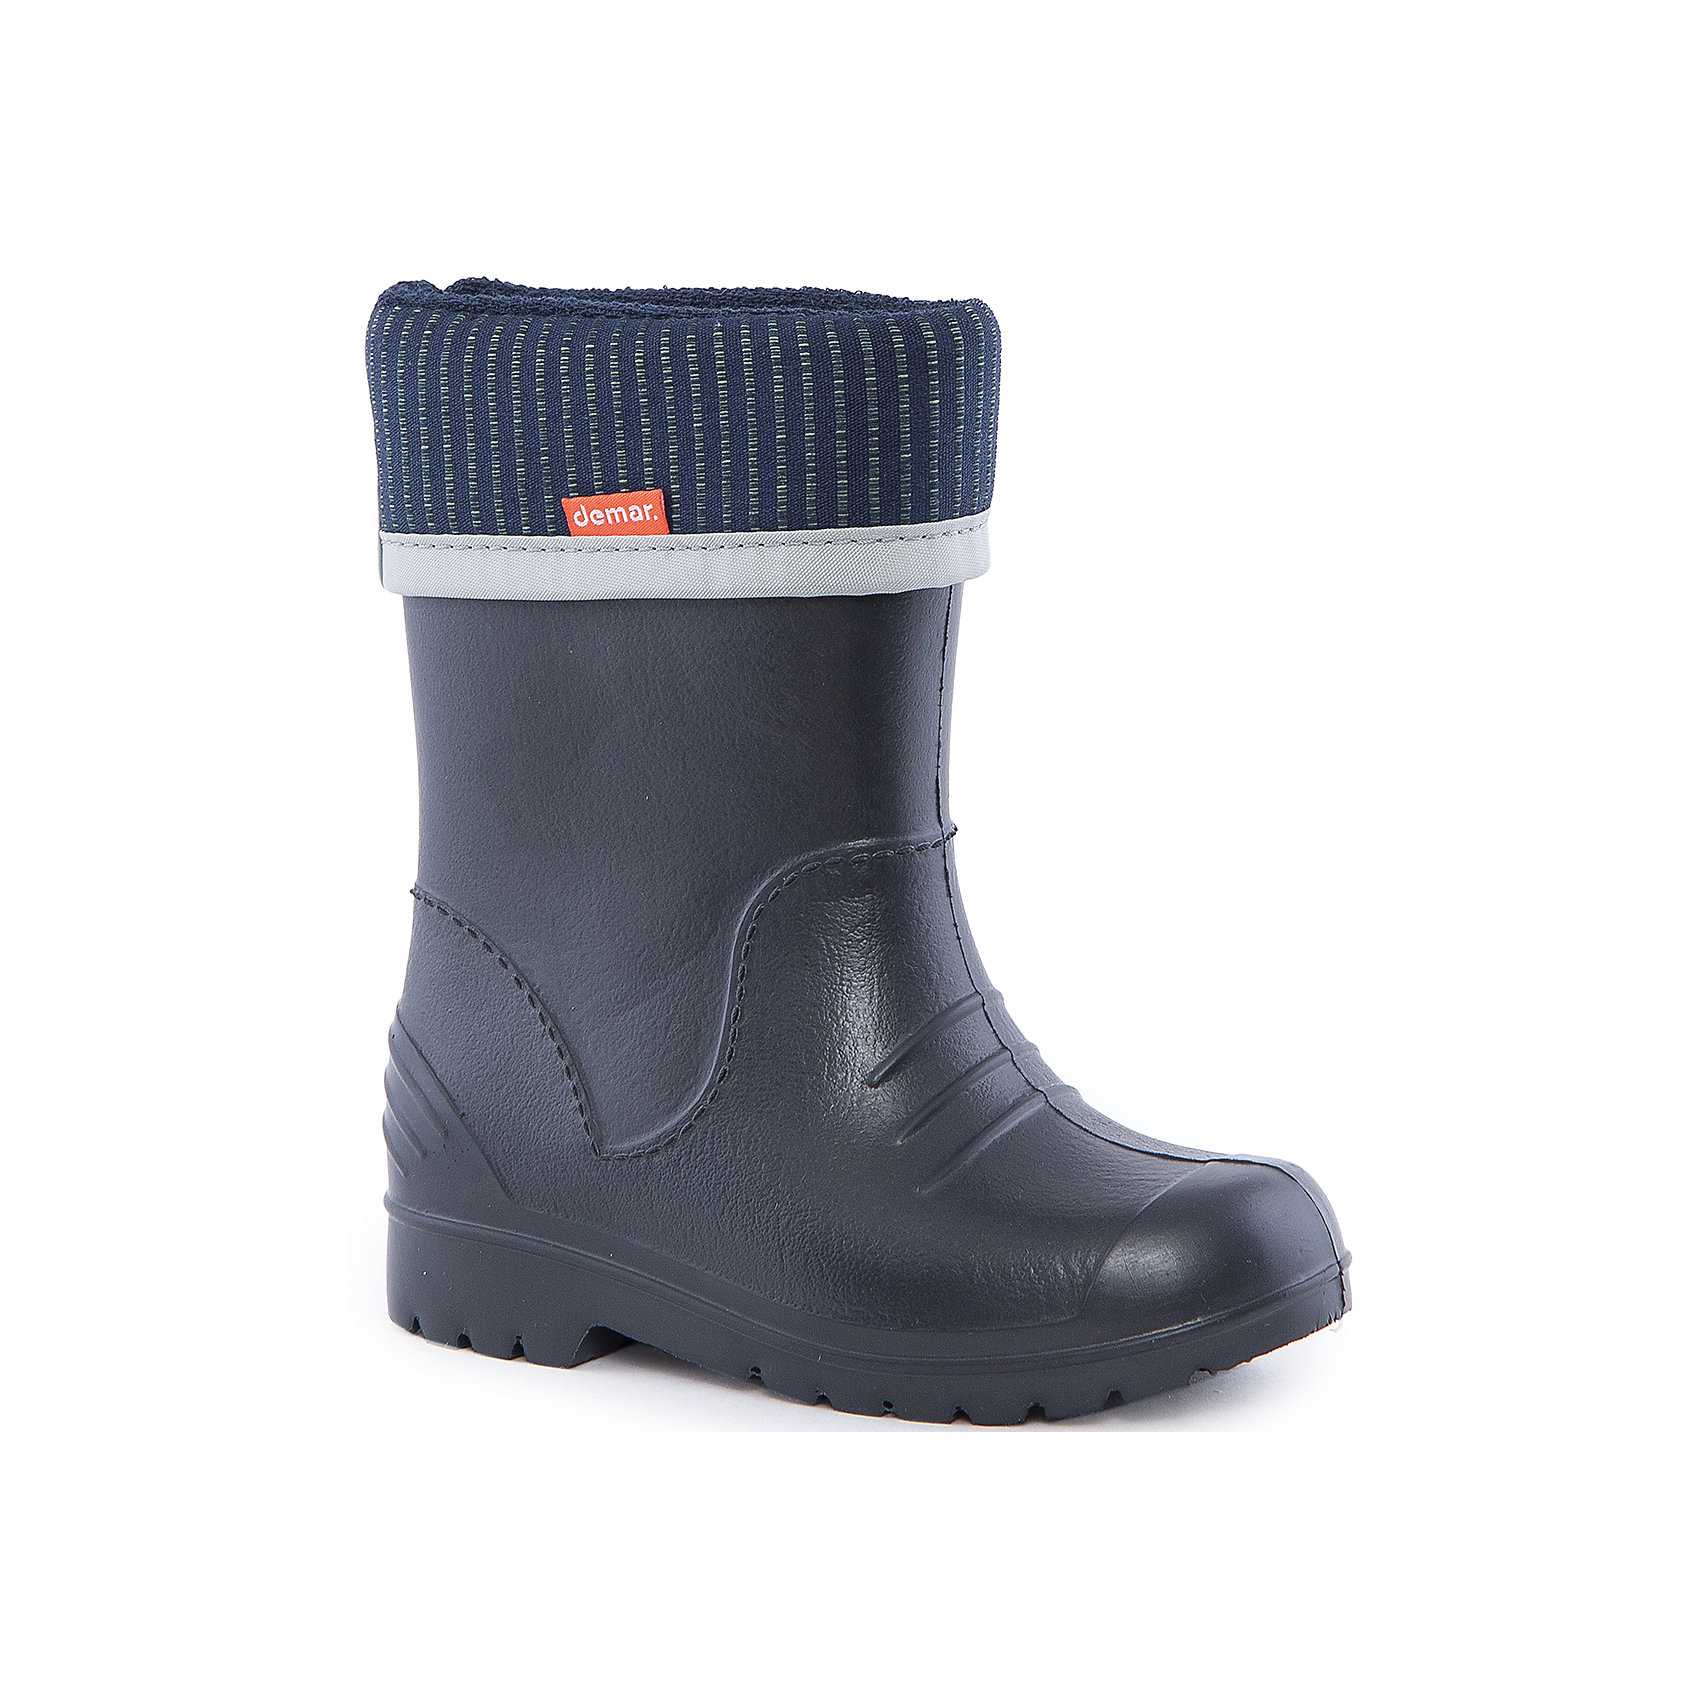 Резиновые сапоги Dino DEMARРезиновые сапоги<br>Характеристики товара:<br><br>• цвет: черный<br>• материал верха: ЭВА<br>• материал подкладки: текстиль <br>• материал подошвы: ЭВА<br>• температурный режим: от 0° до +15° С<br>• верх не продувается<br>• съемный чулок<br>• стильный дизайн<br>• страна бренда: Польша<br>• страна изготовитель: Польша<br><br>Осенью и весной ребенку не обойтись без непромокаемых сапожек! Чтобы не пропустить главные удовольствия межсезонья, нужно запастись удобной обувью. Такие сапожки обеспечат ребенку необходимый для активного отдыха комфорт, а подкладка из текстиля позволит ножкам оставаться теплыми. Сапожки легко надеваются и снимаются, отлично сидят на ноге. Они удивительно легкие!<br>Обувь от польского бренда Demar - это качественные товары, созданные с применением новейших технологий и с использованием как натуральных, так и высокотехнологичных материалов. Обувь отличается стильным дизайном и продуманной конструкцией. Изделие производится из качественных и проверенных материалов, которые безопасны для детей.<br><br>Сапожки от бренда Demar (Демар) можно купить в нашем интернет-магазине.<br><br>Ширина мм: 237<br>Глубина мм: 180<br>Высота мм: 152<br>Вес г: 438<br>Цвет: черный<br>Возраст от месяцев: -2147483648<br>Возраст до месяцев: 2147483647<br>Пол: Мужской<br>Возраст: Детский<br>Размер: 26/27,36/37,28/29,32/33,24/25,34/35,30/31,22/23<br>SKU: 4640001